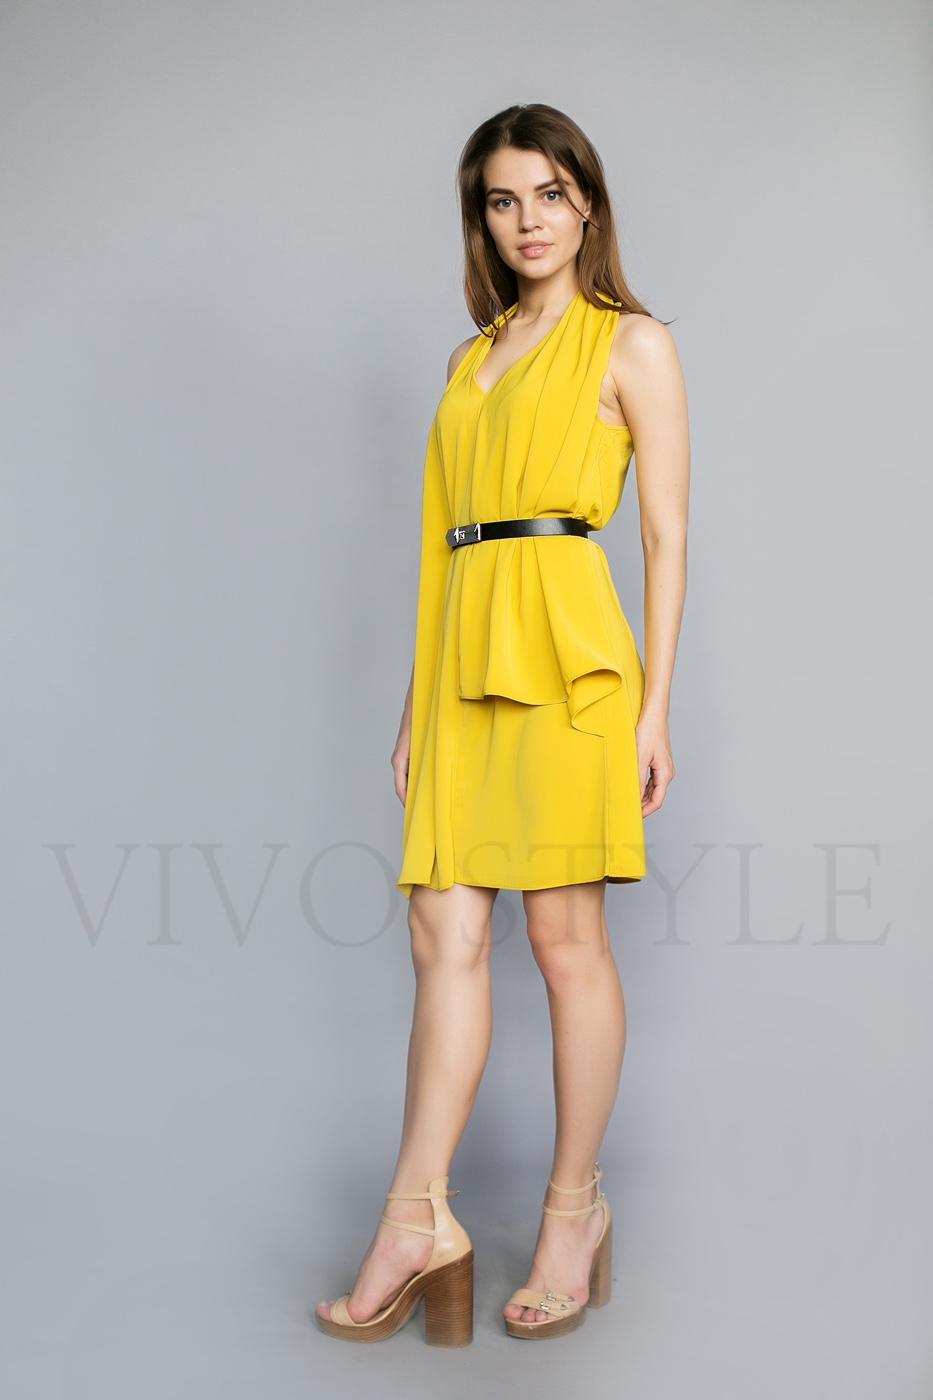 Женское платье длиной чуть выше колена